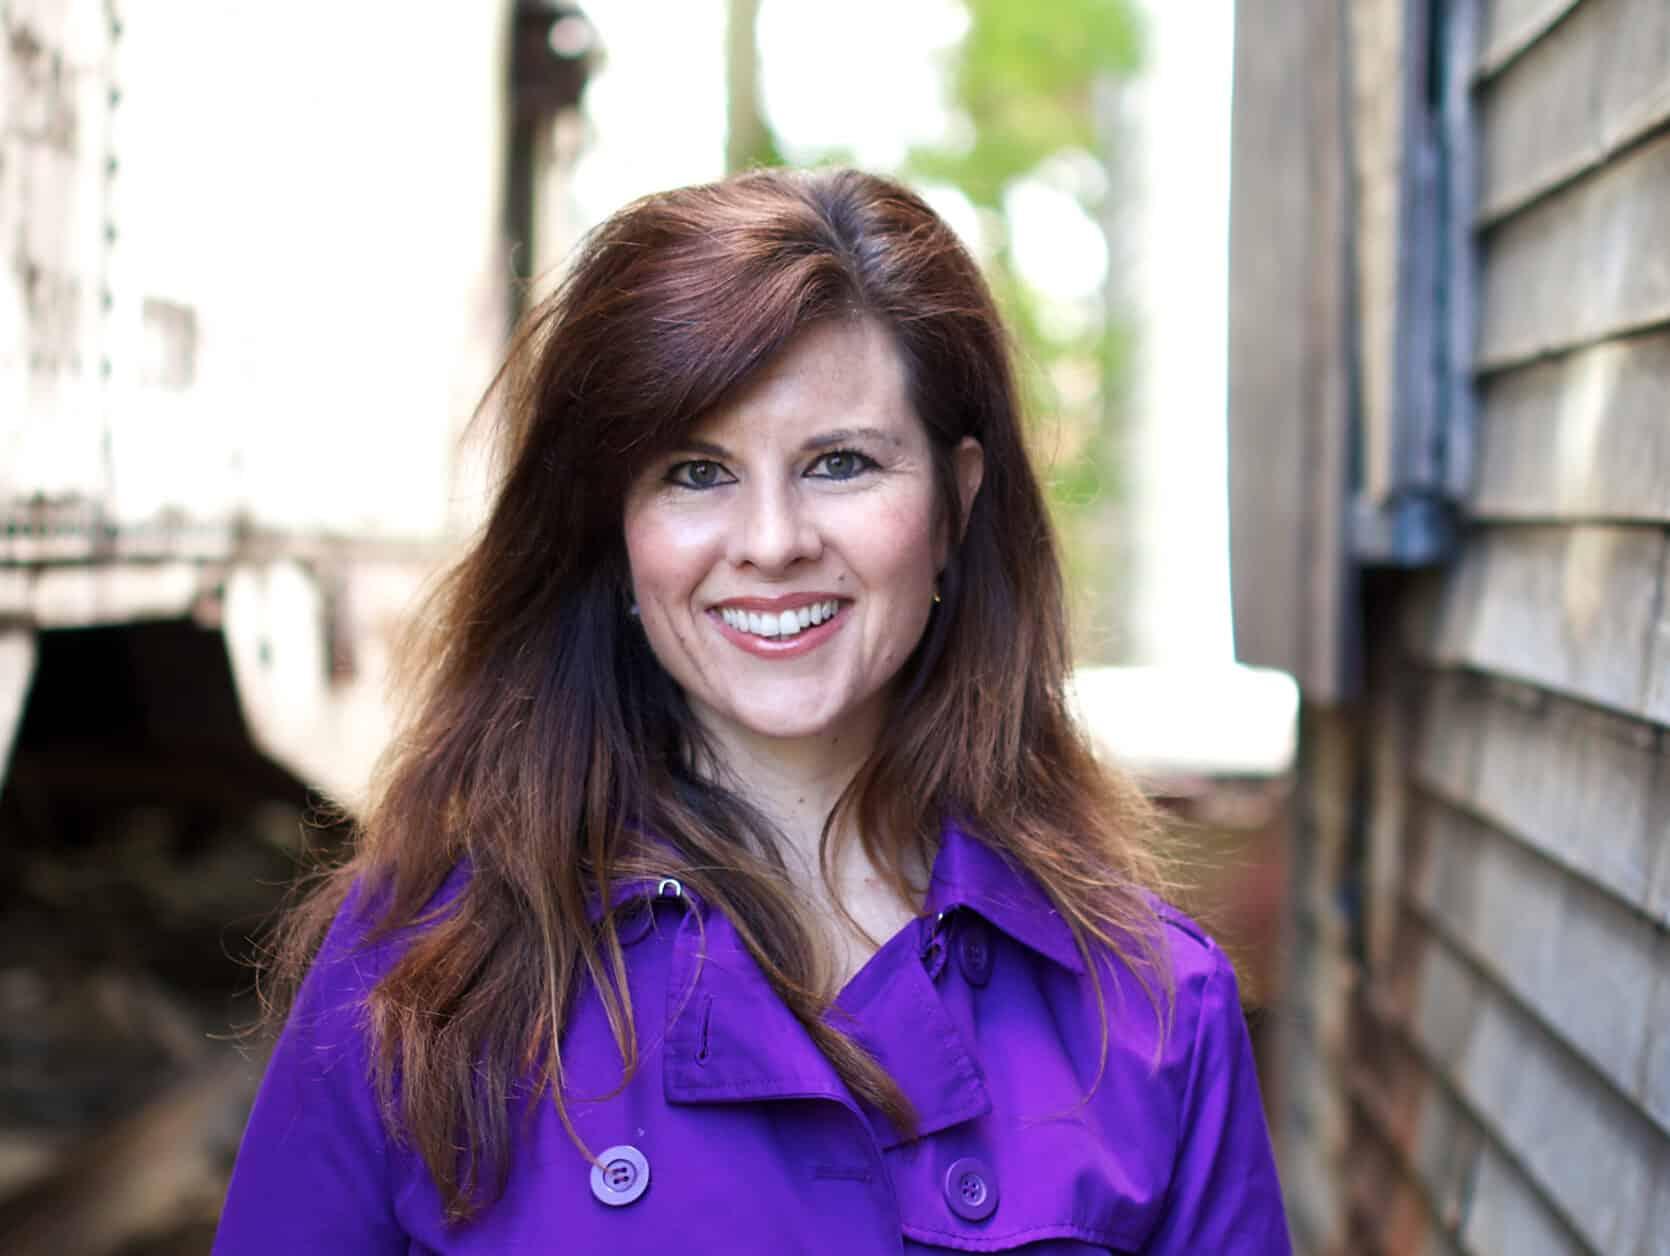 Alexis Paige, Assistant Professor